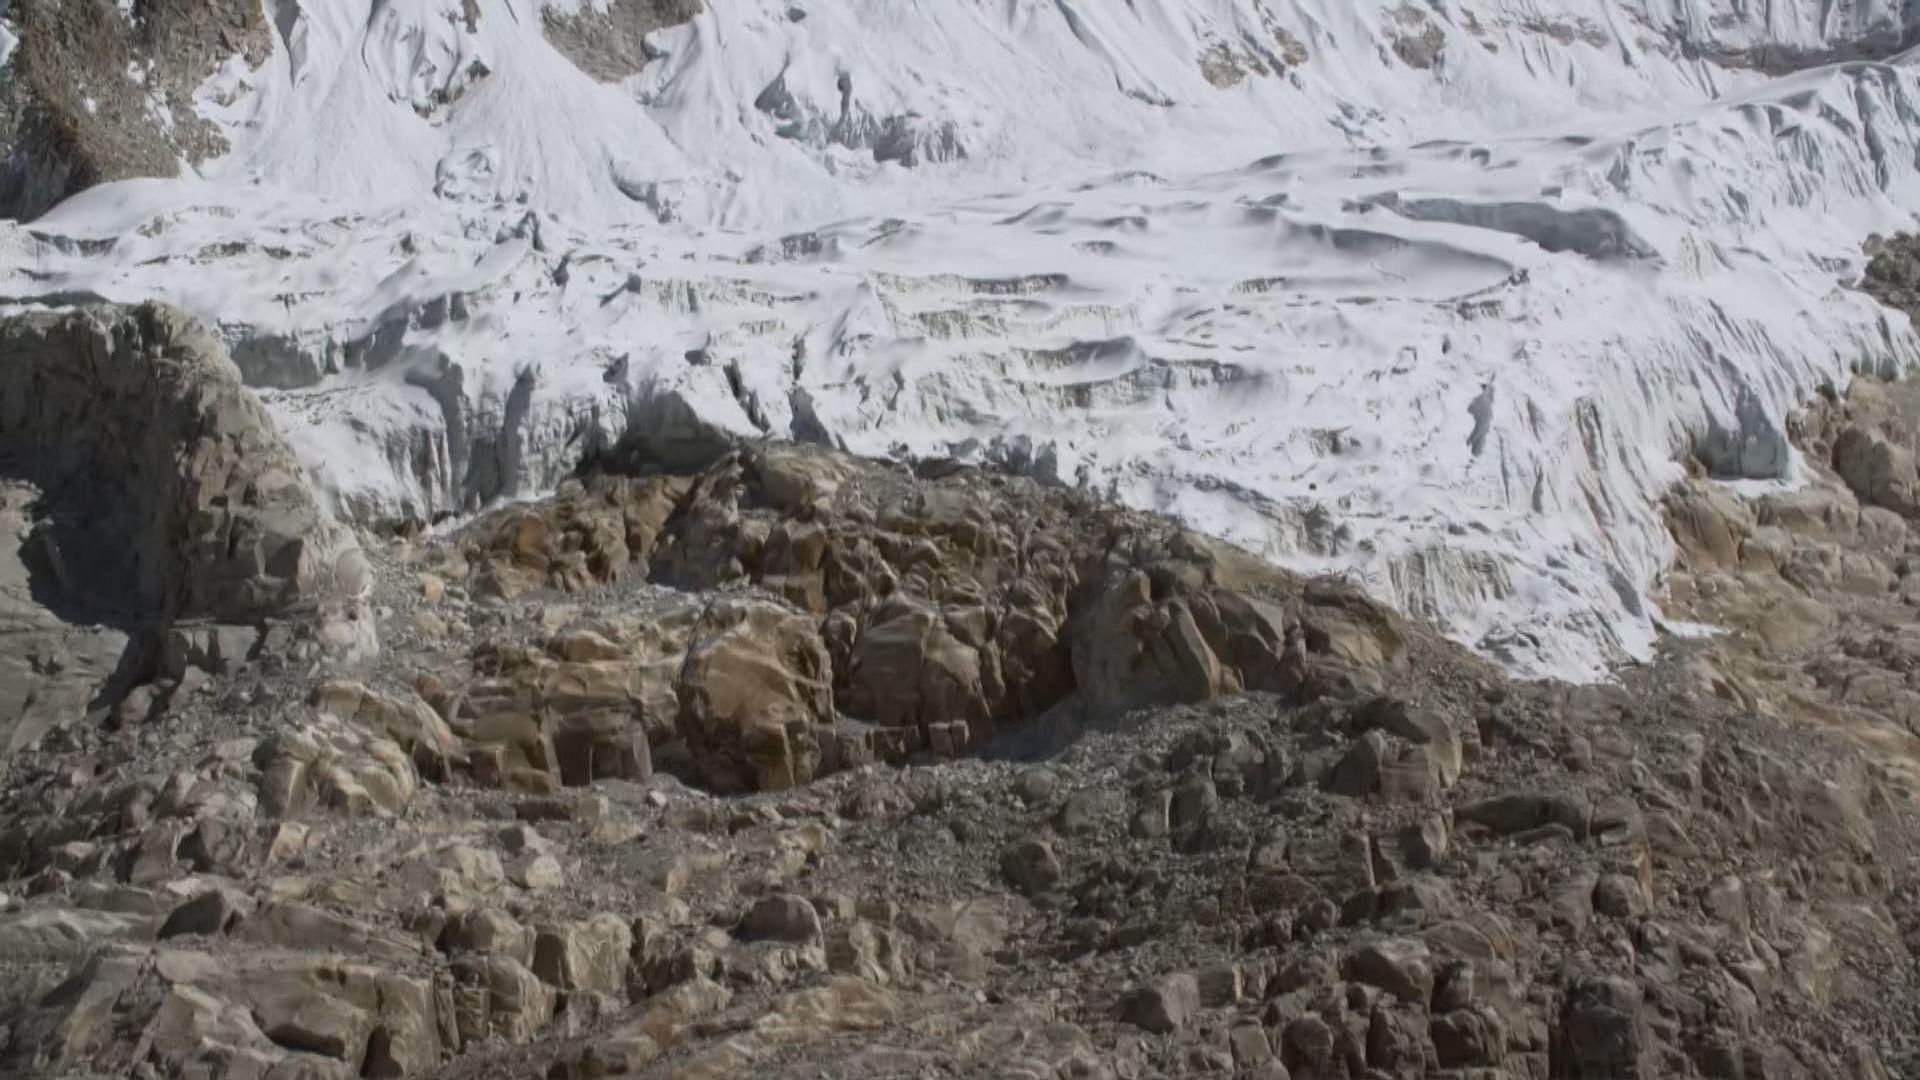 印度冰川斷裂引發洪災 專家指與全球暖化及工程有關